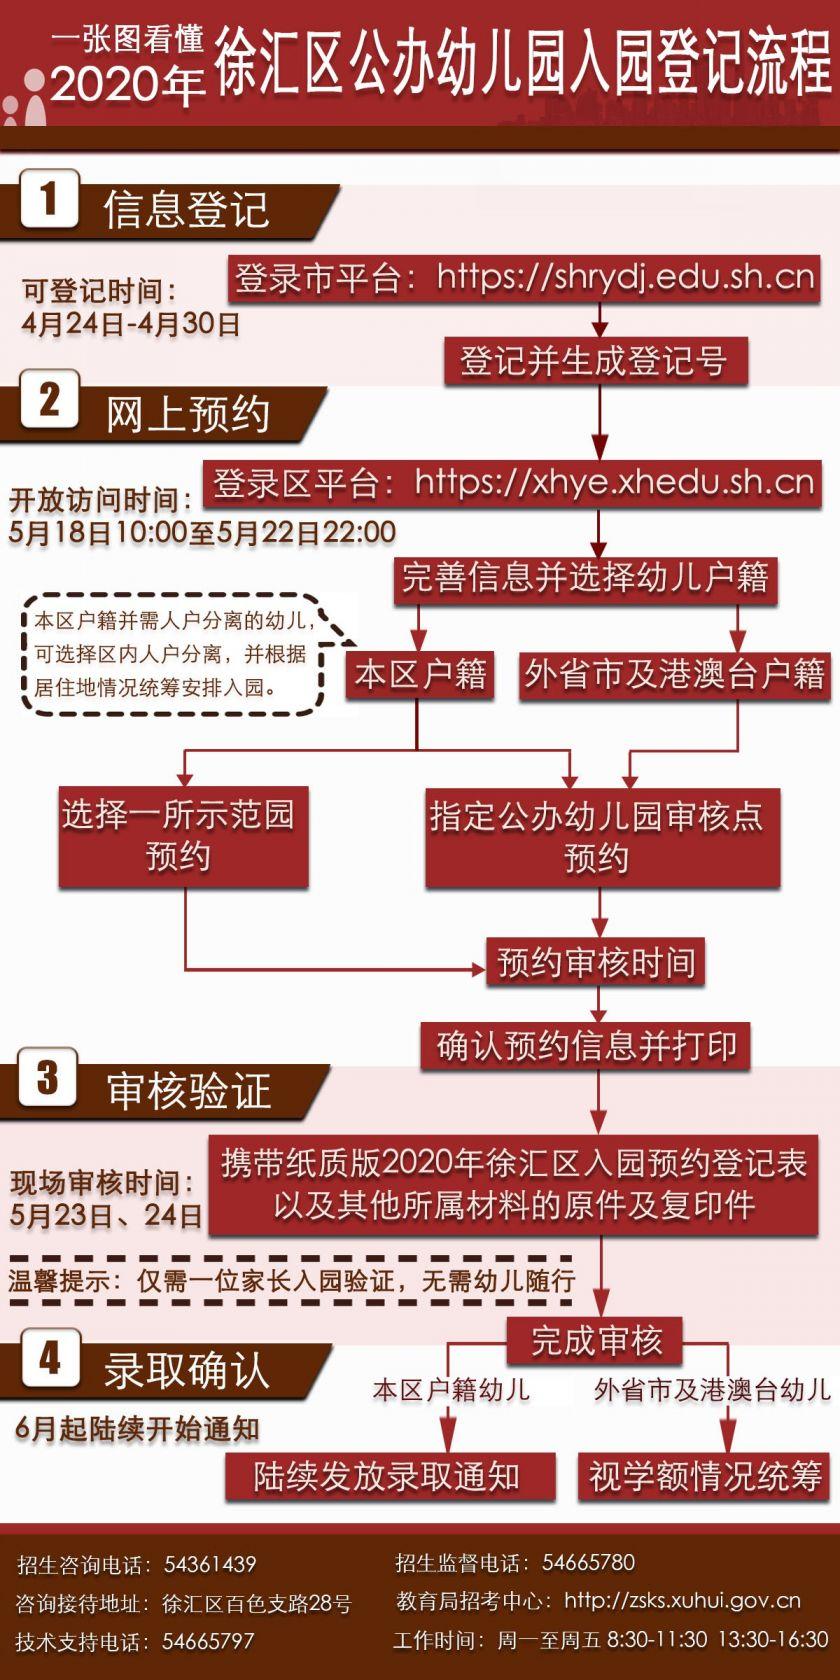 2020上海徐汇区幼儿园报名流程图